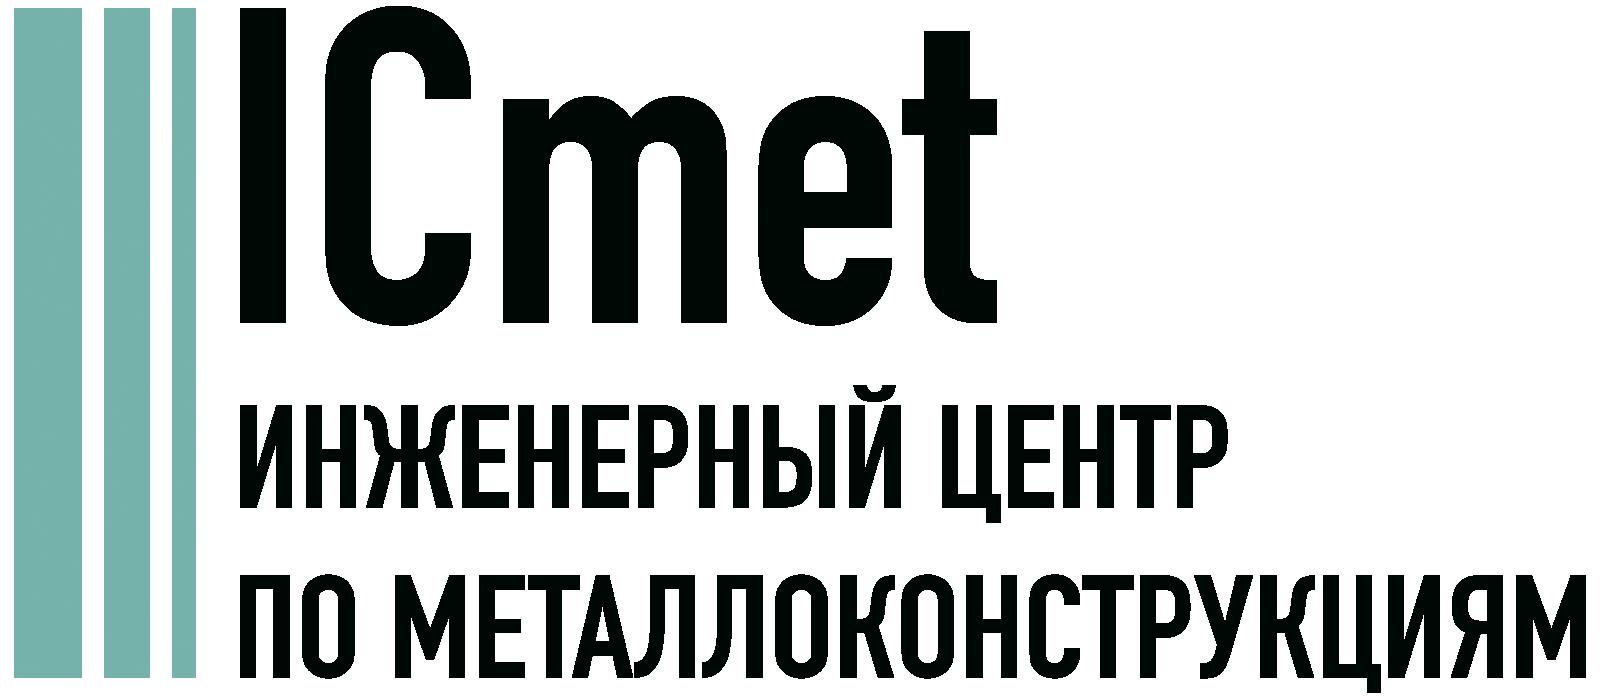 Проектирование металлоконструкций в Комсомольске-на-Амуре